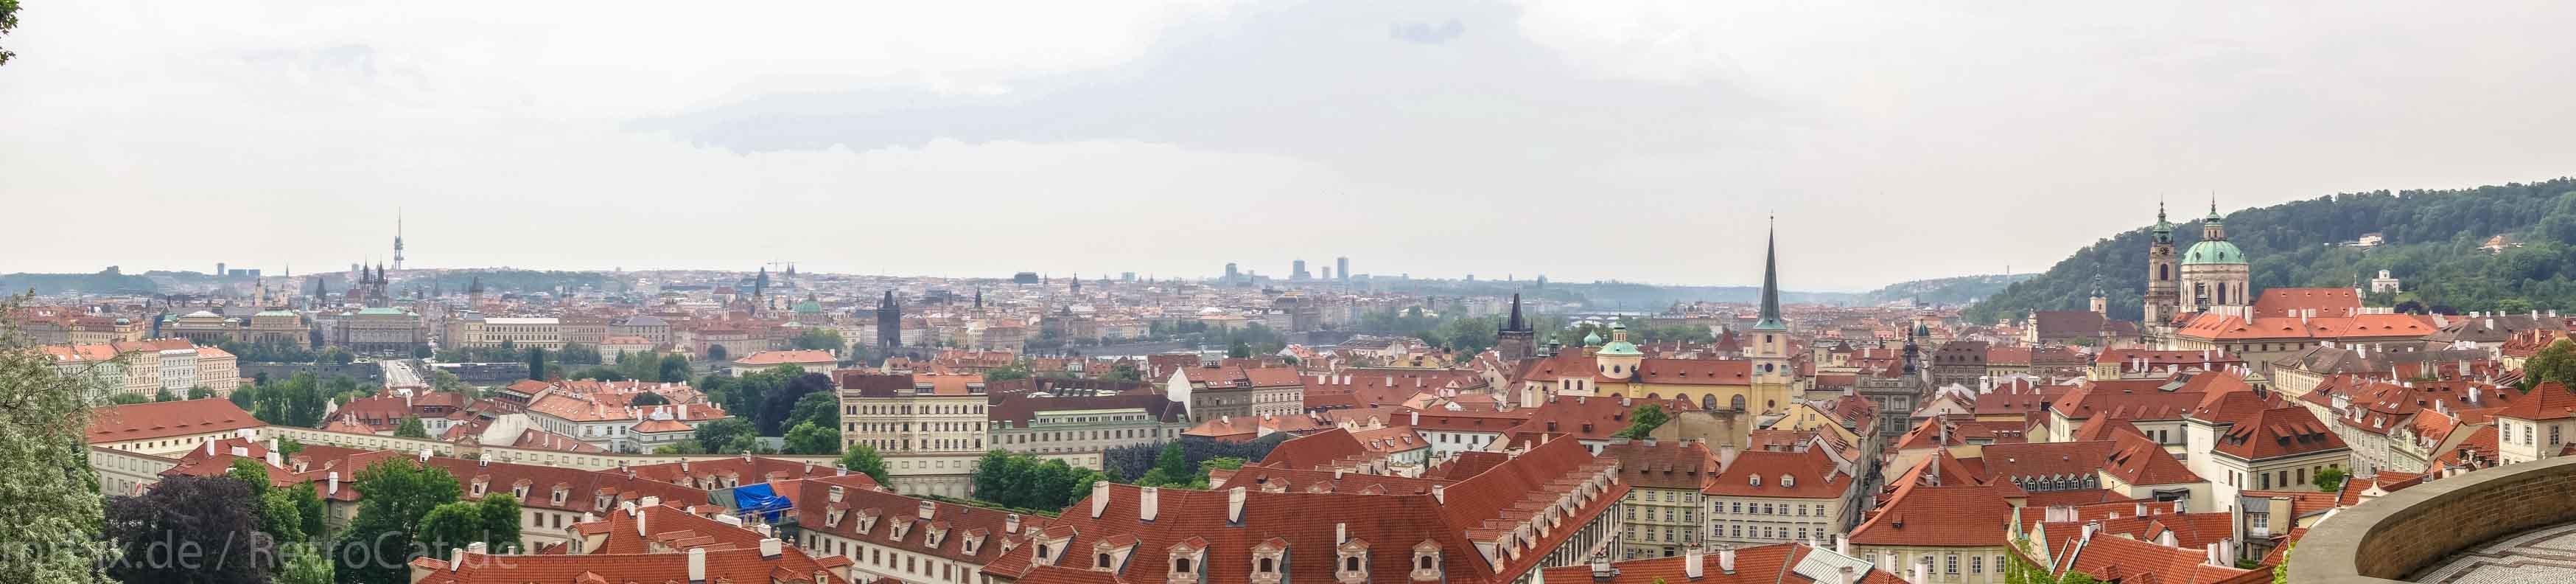 Panorama-Aufnahme von Prag